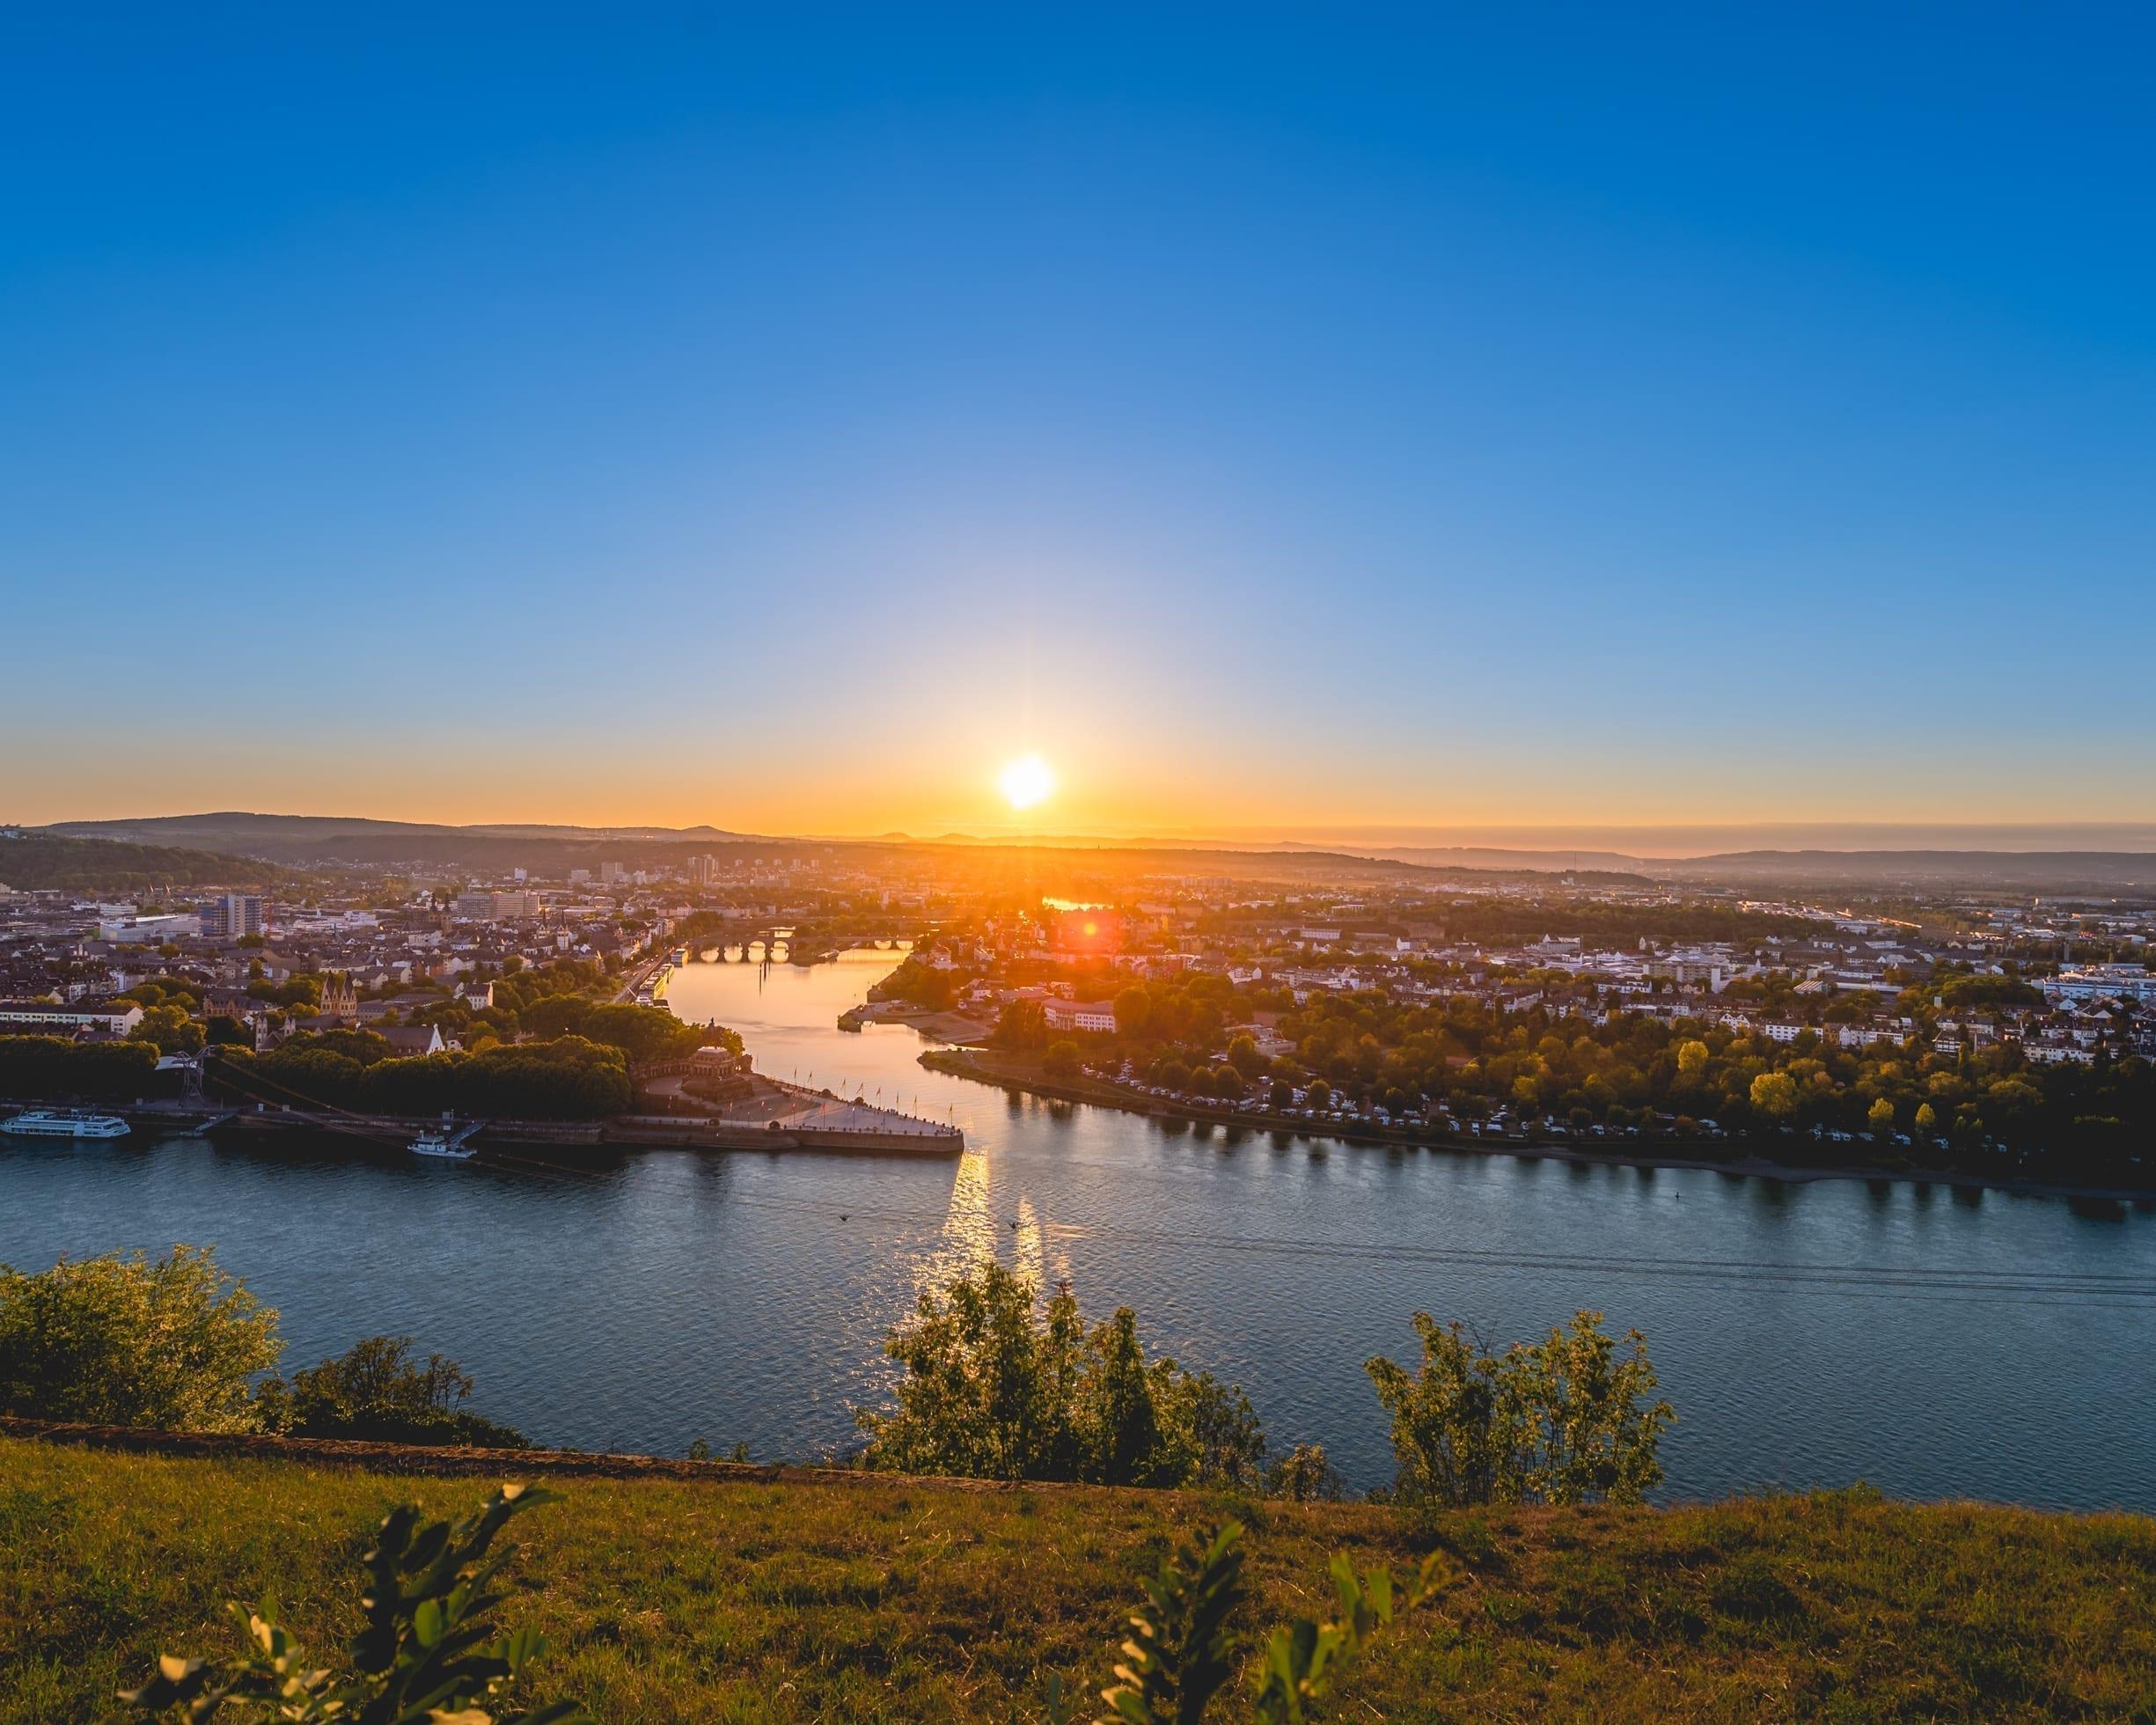 Fotoreise - das romantische Rheintal